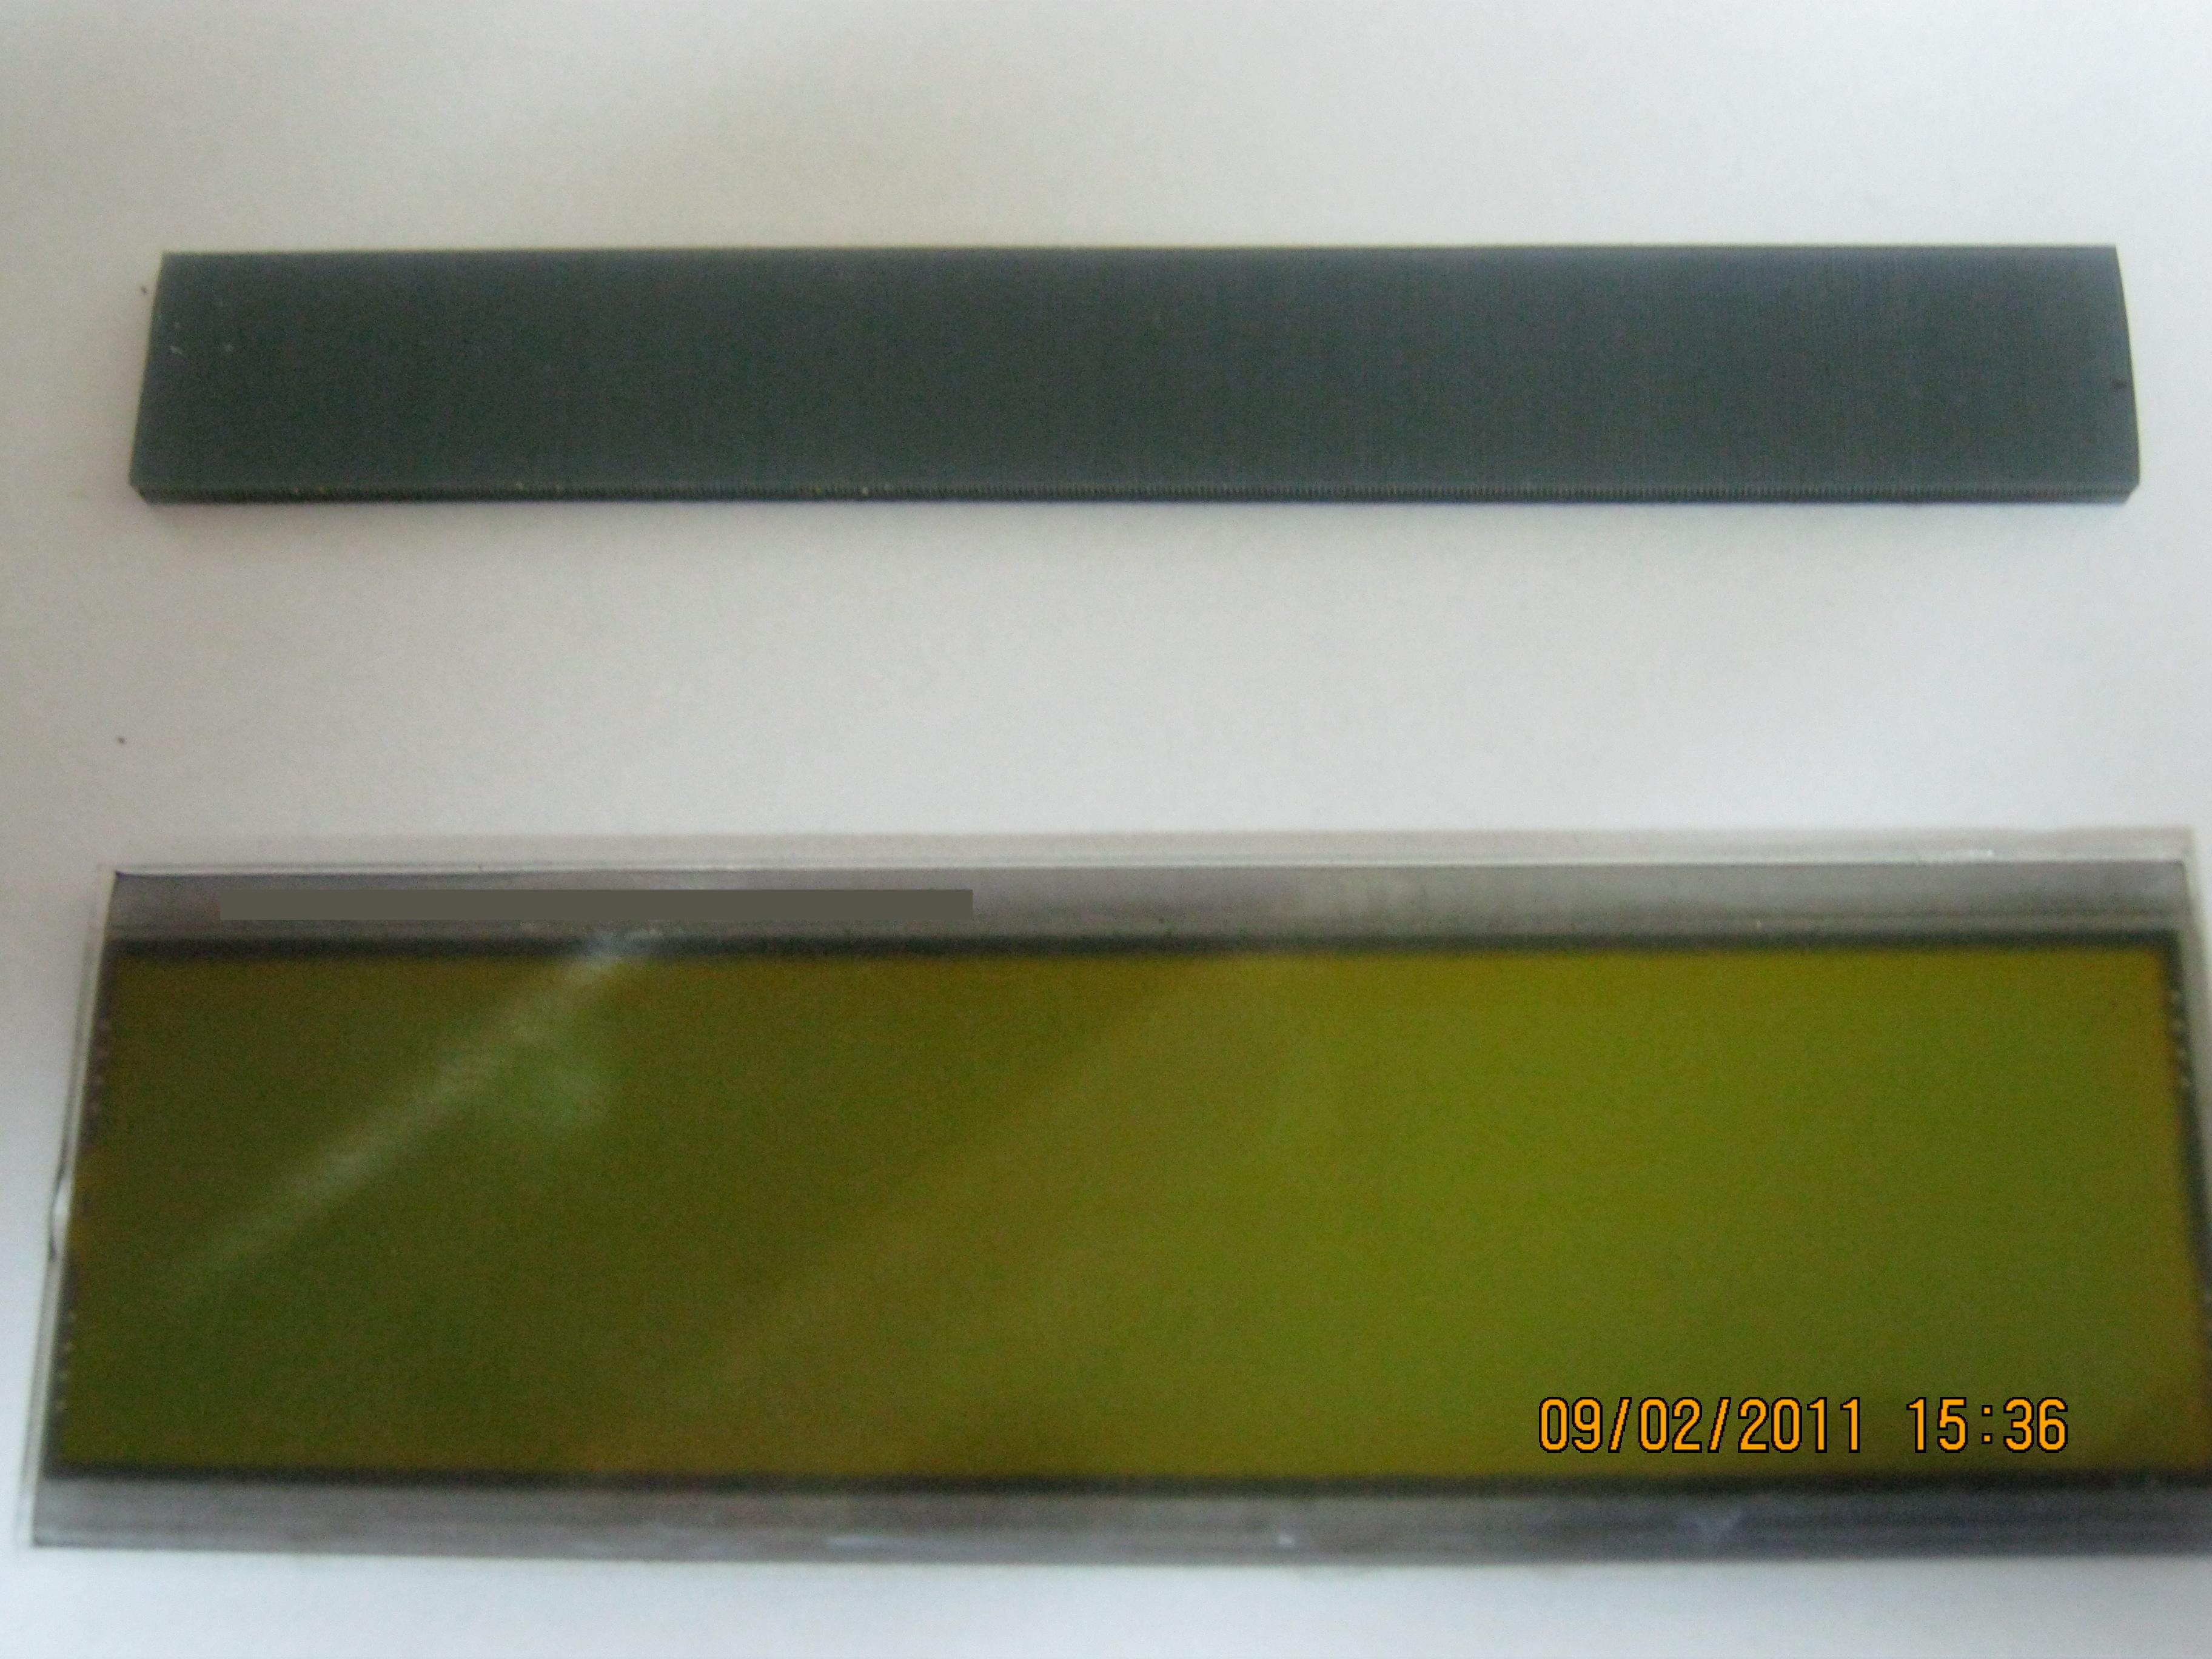 Naprawa zepsutych pikseli w ma�ych wy�wietlaczach LCD